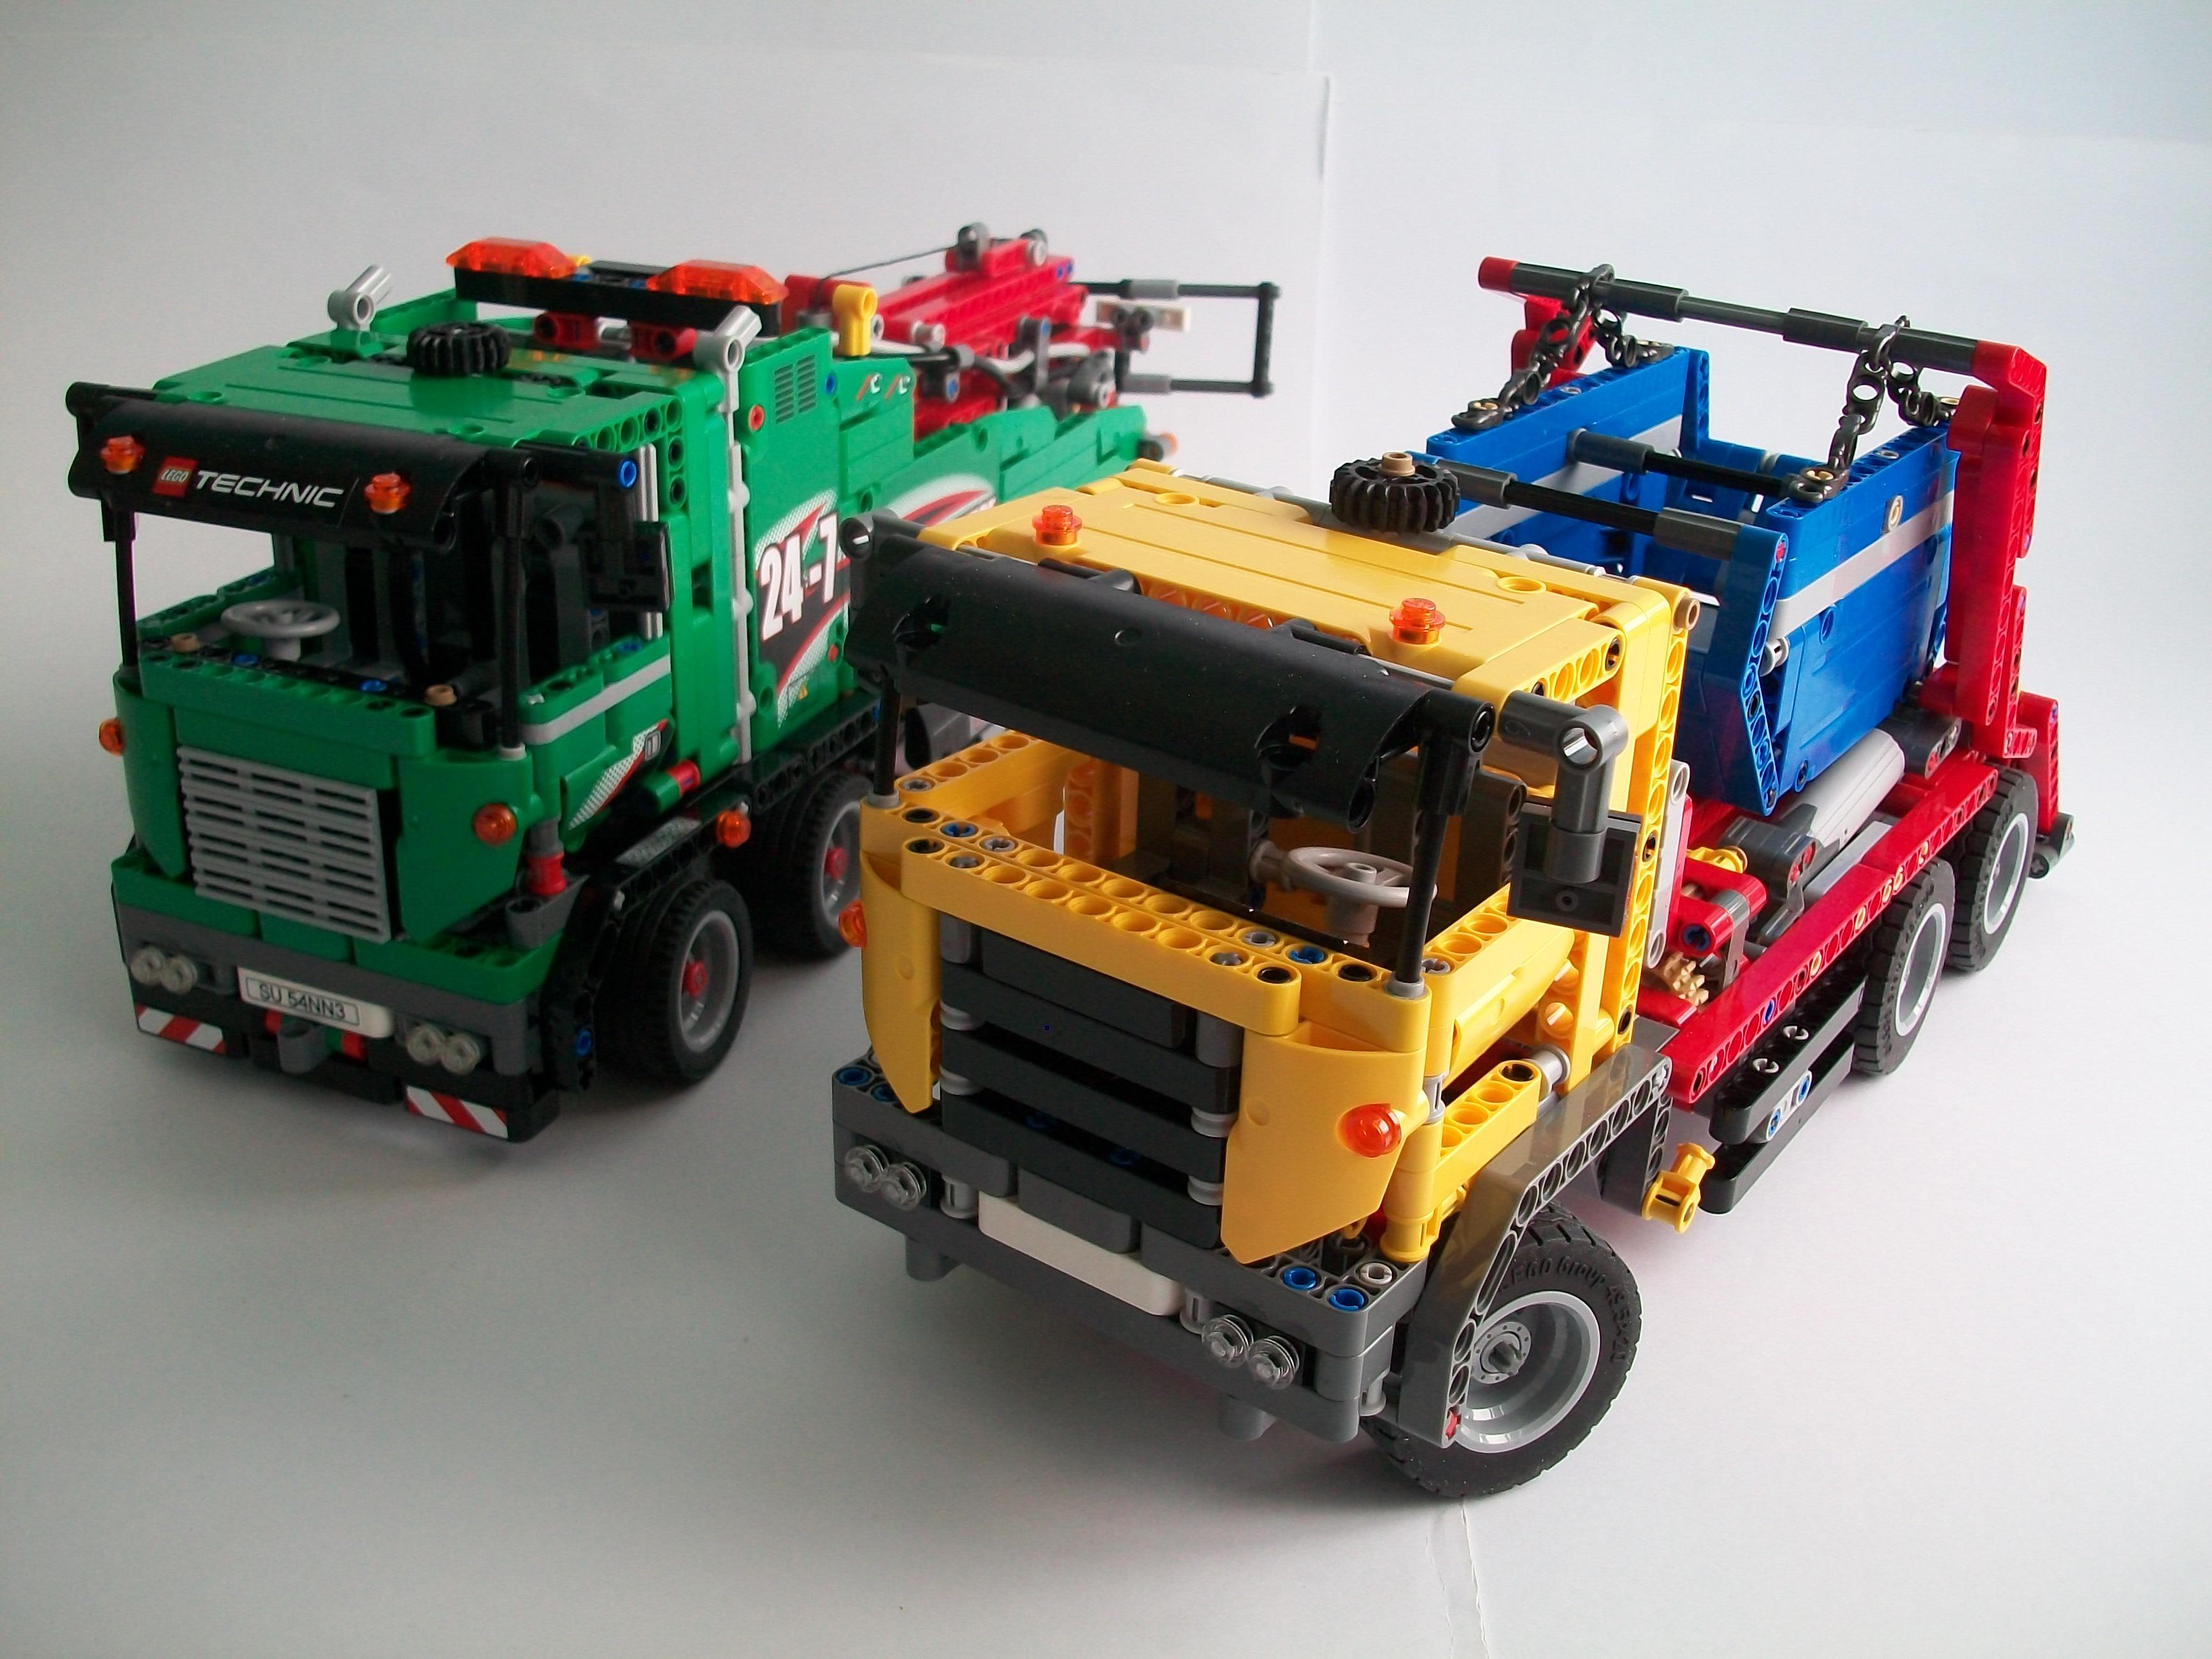 Lego техник 42022 - e8